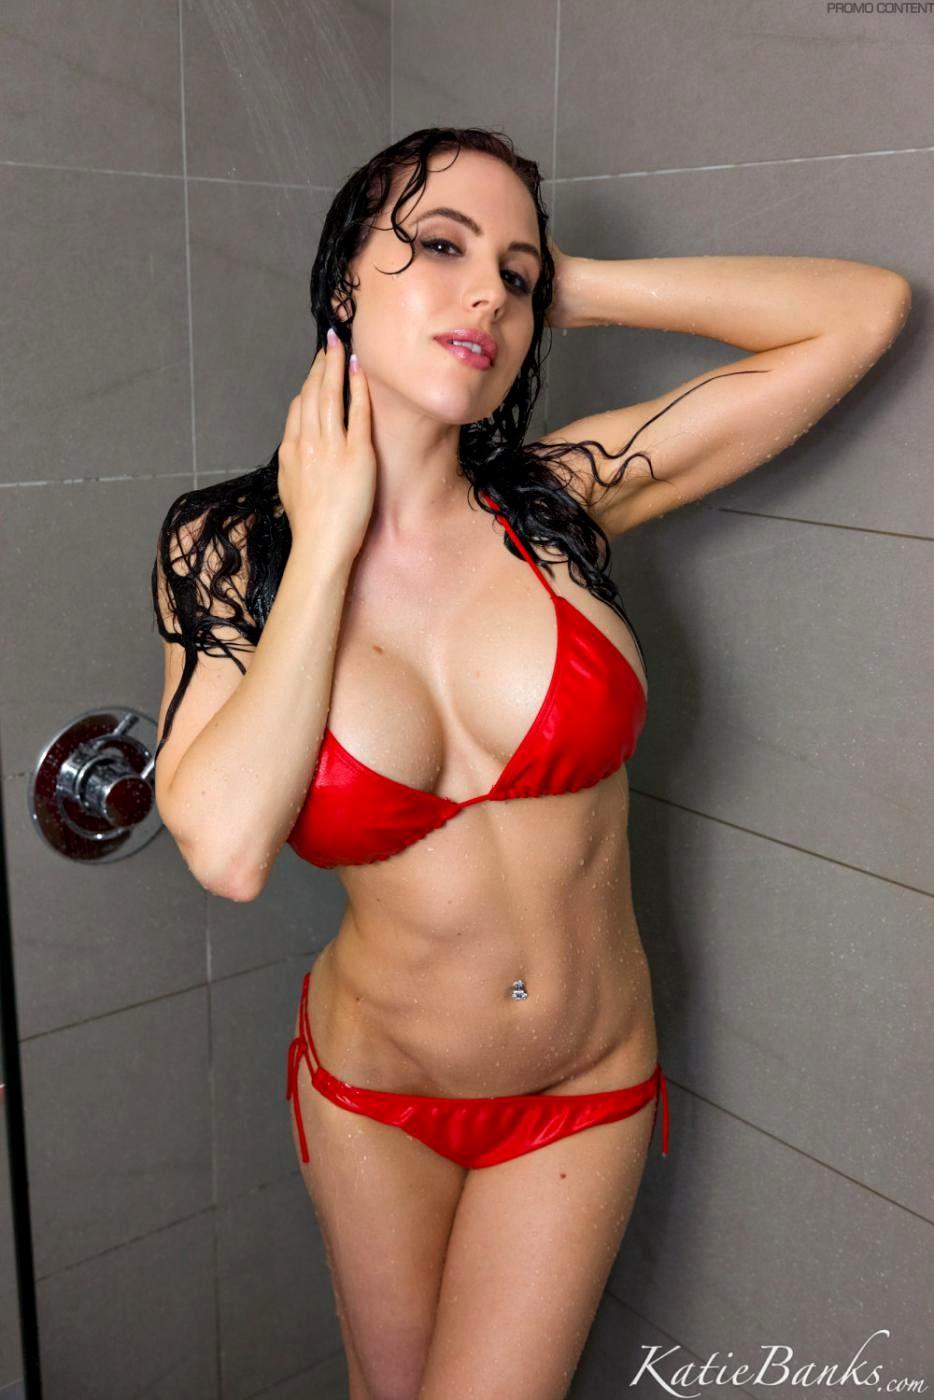 Katie Banks Sex